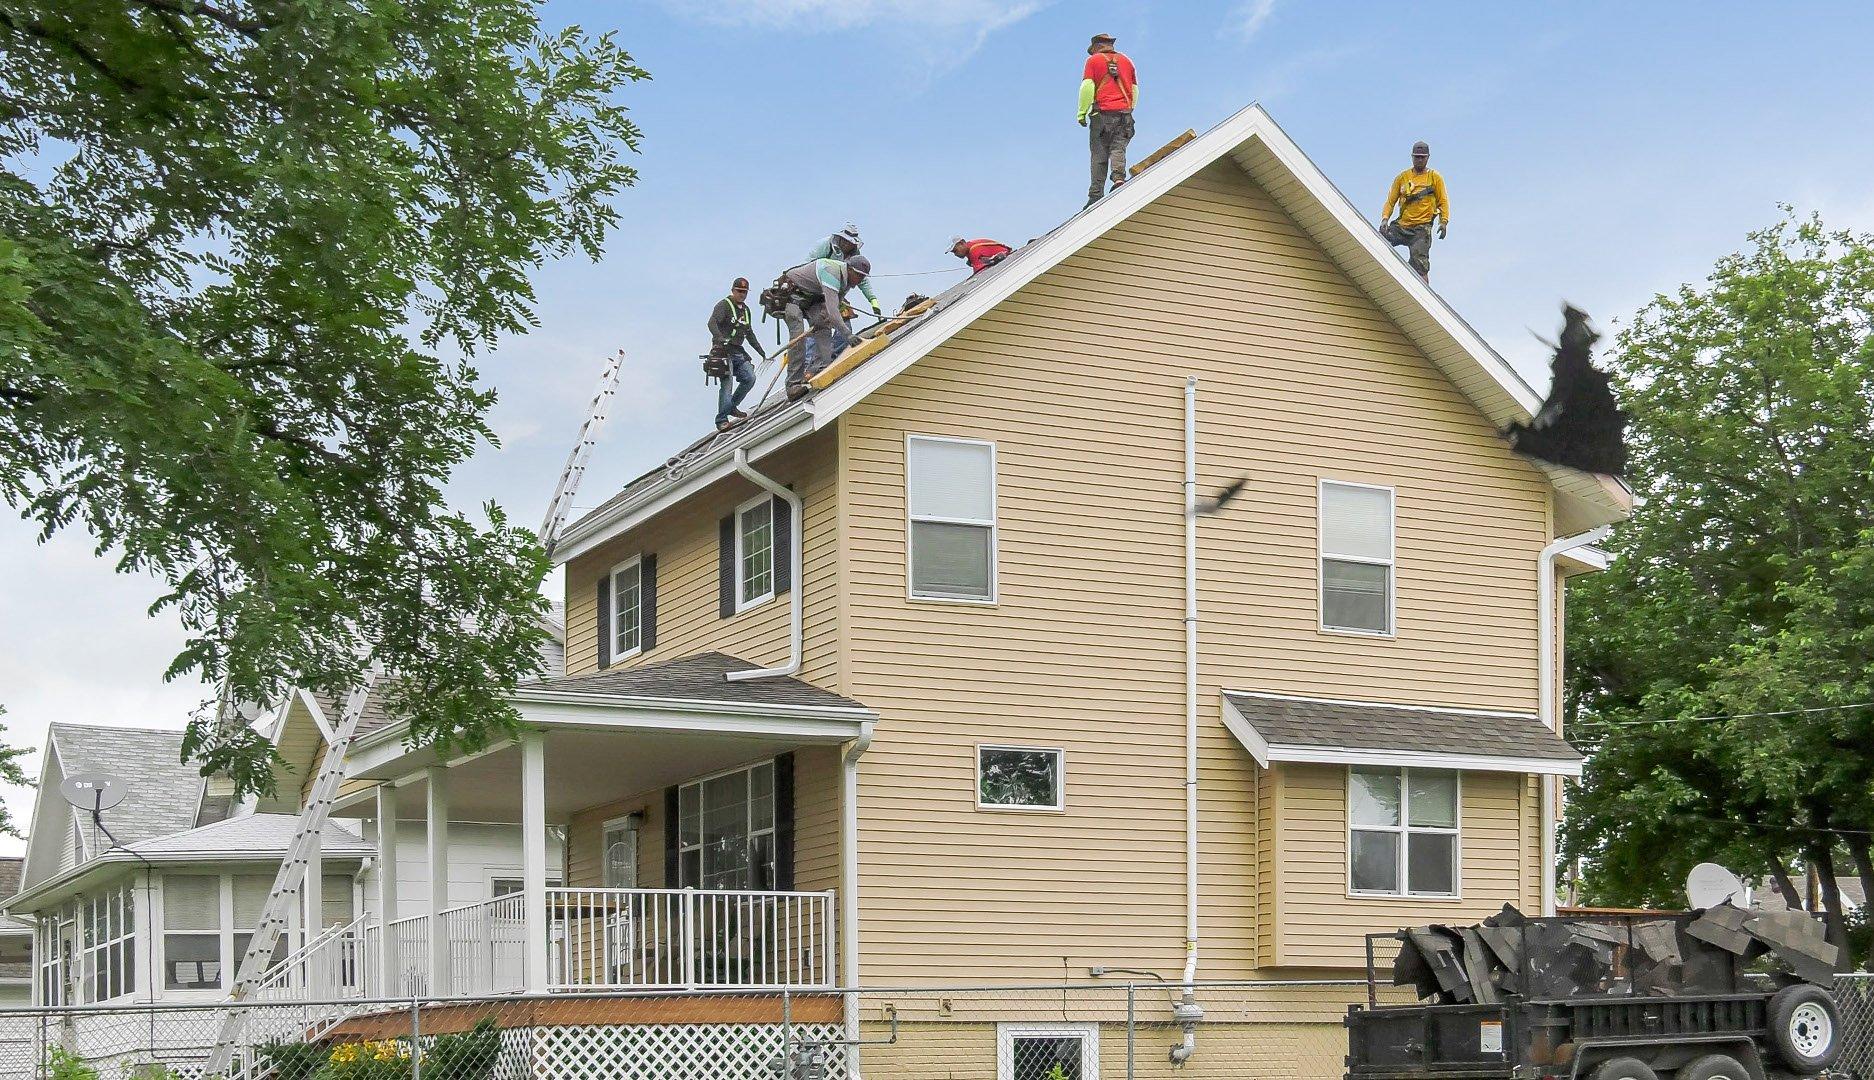 Redlion Roof Repairing